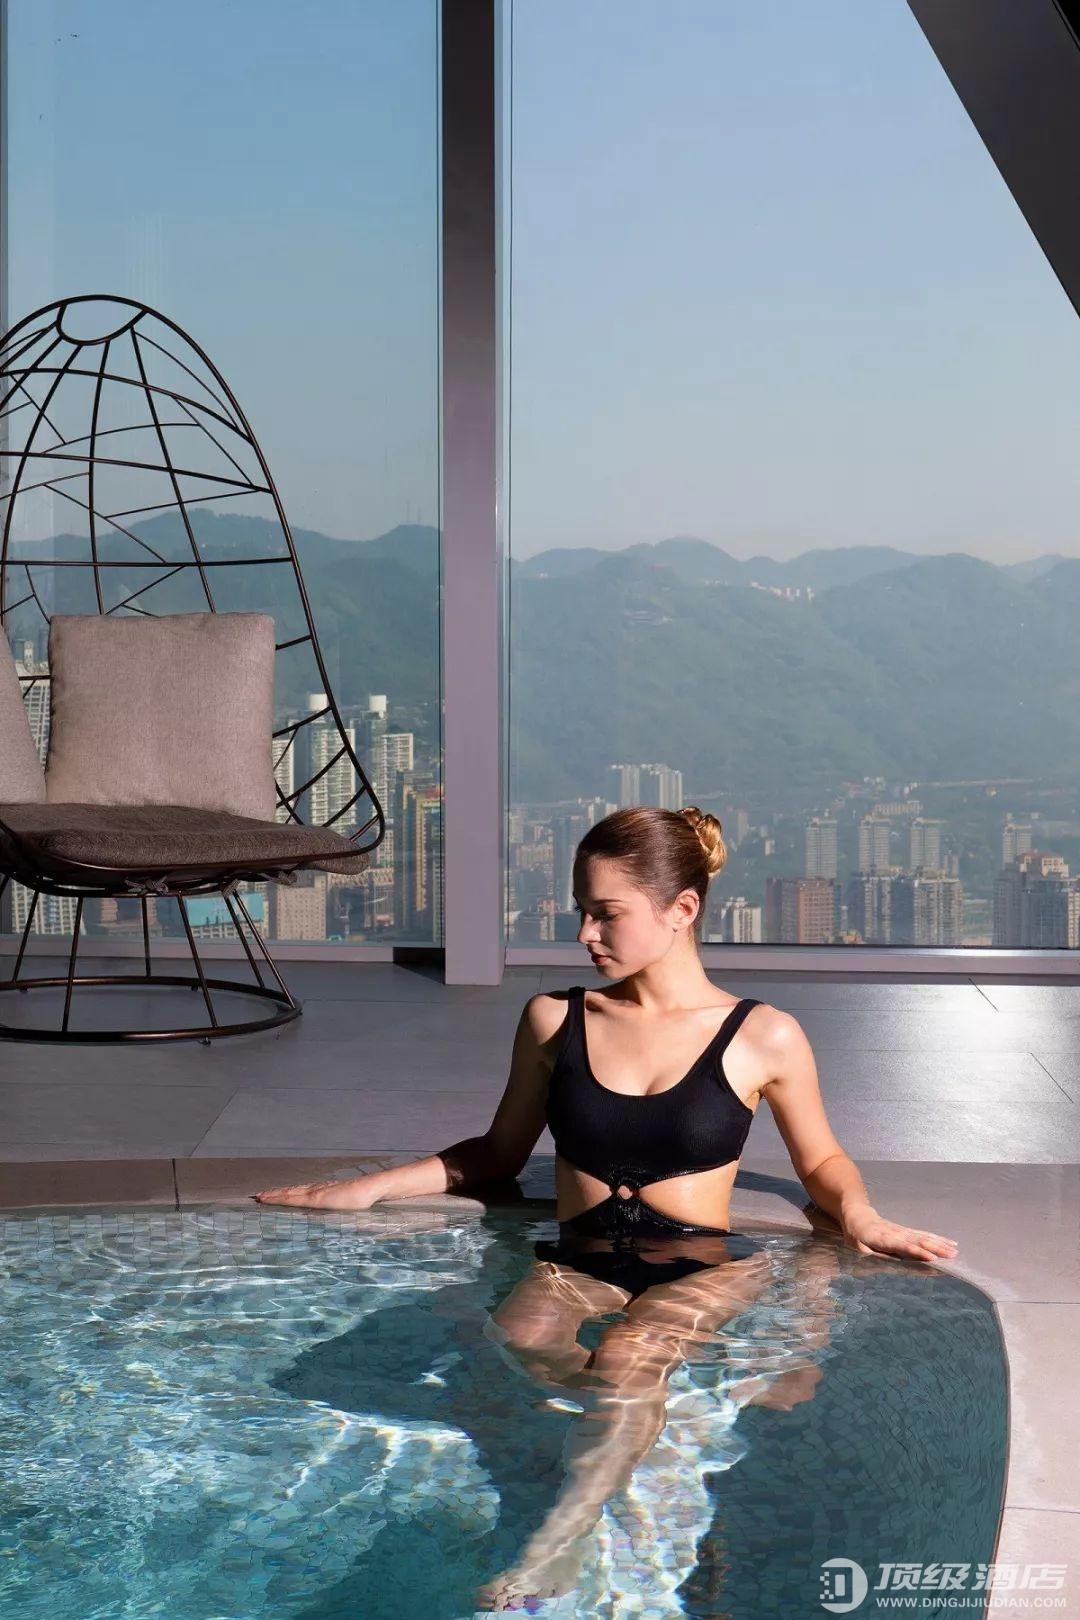 尊享时尚体验,重庆尼依格罗酒店引领西南前沿之路